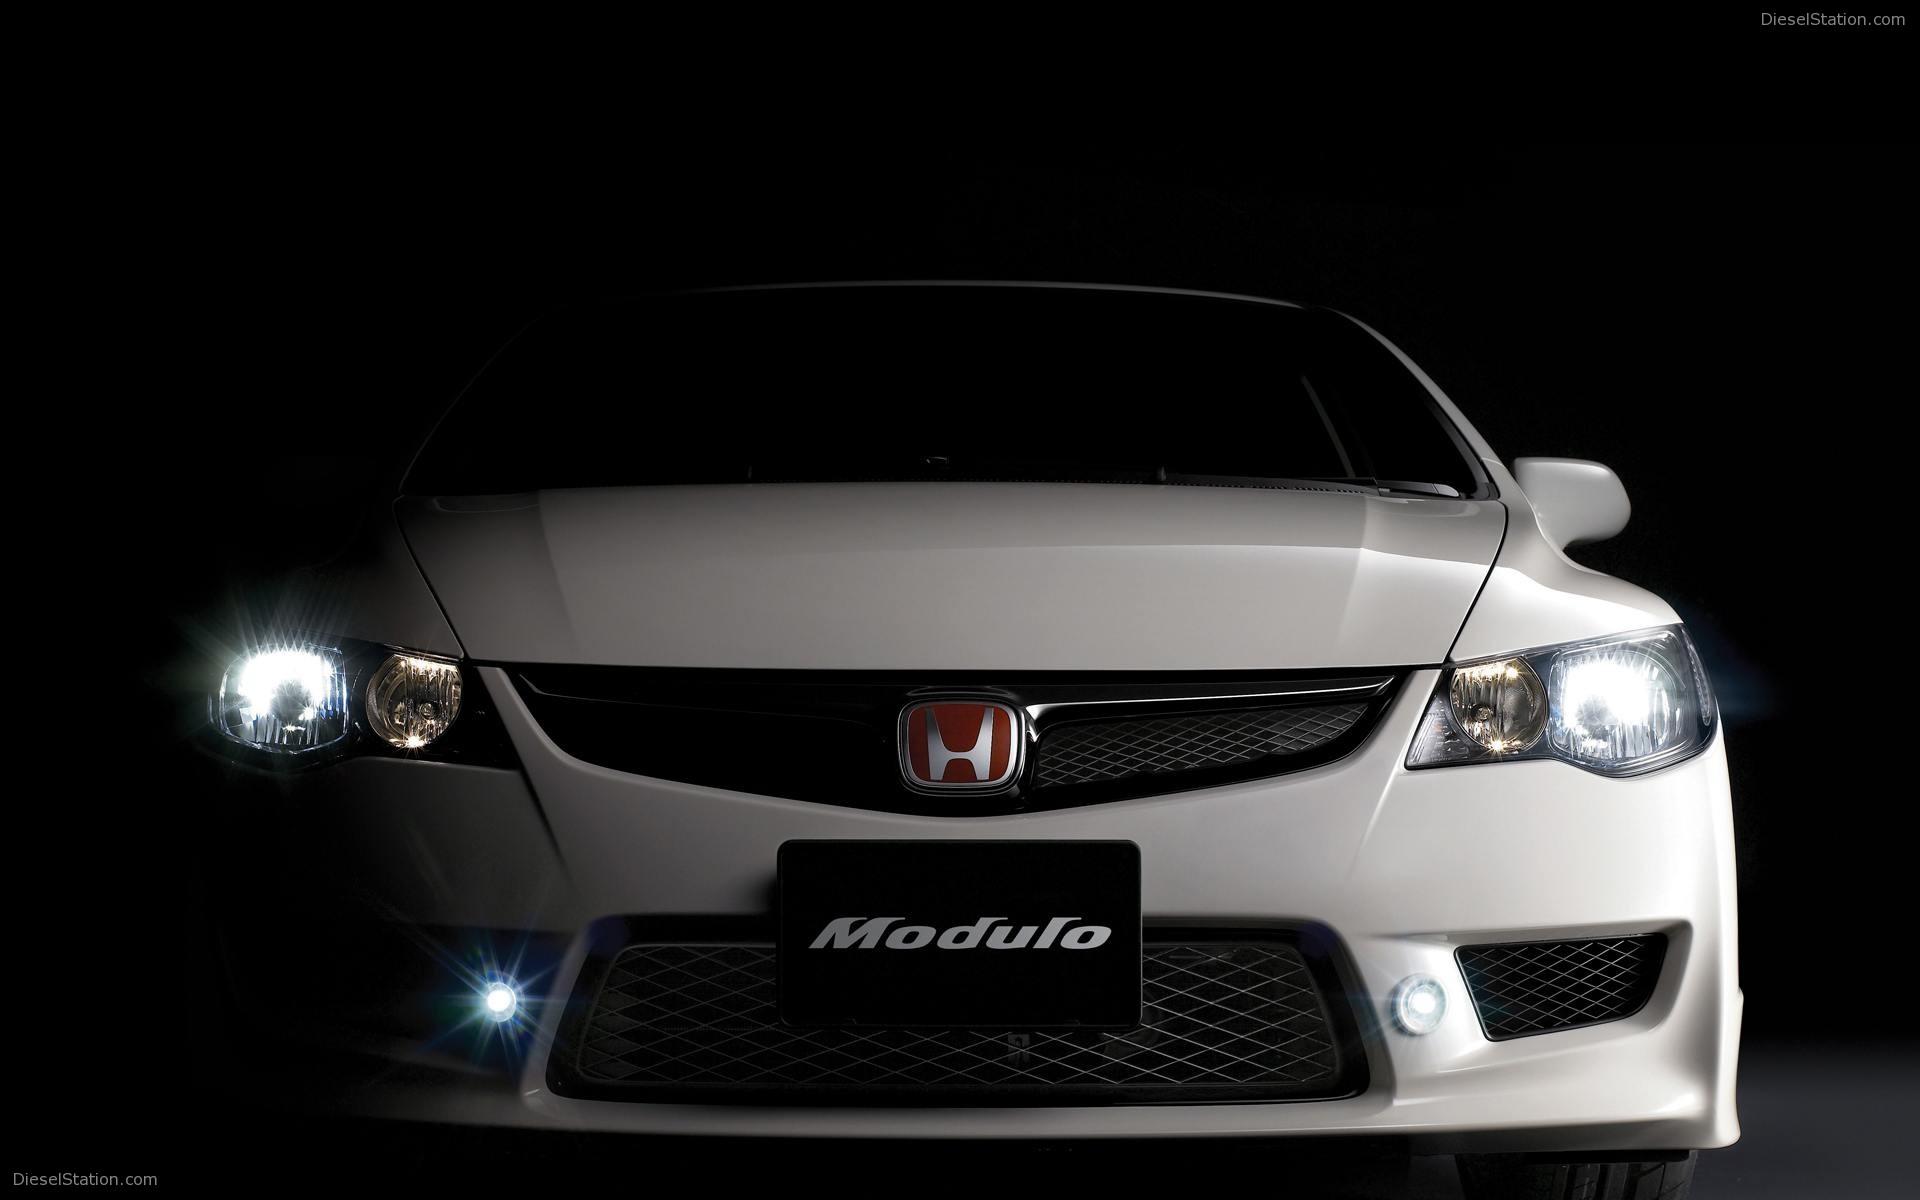 Honda Civic Type R Wallpaper 6268 Hd Wallpapers in Cars ci